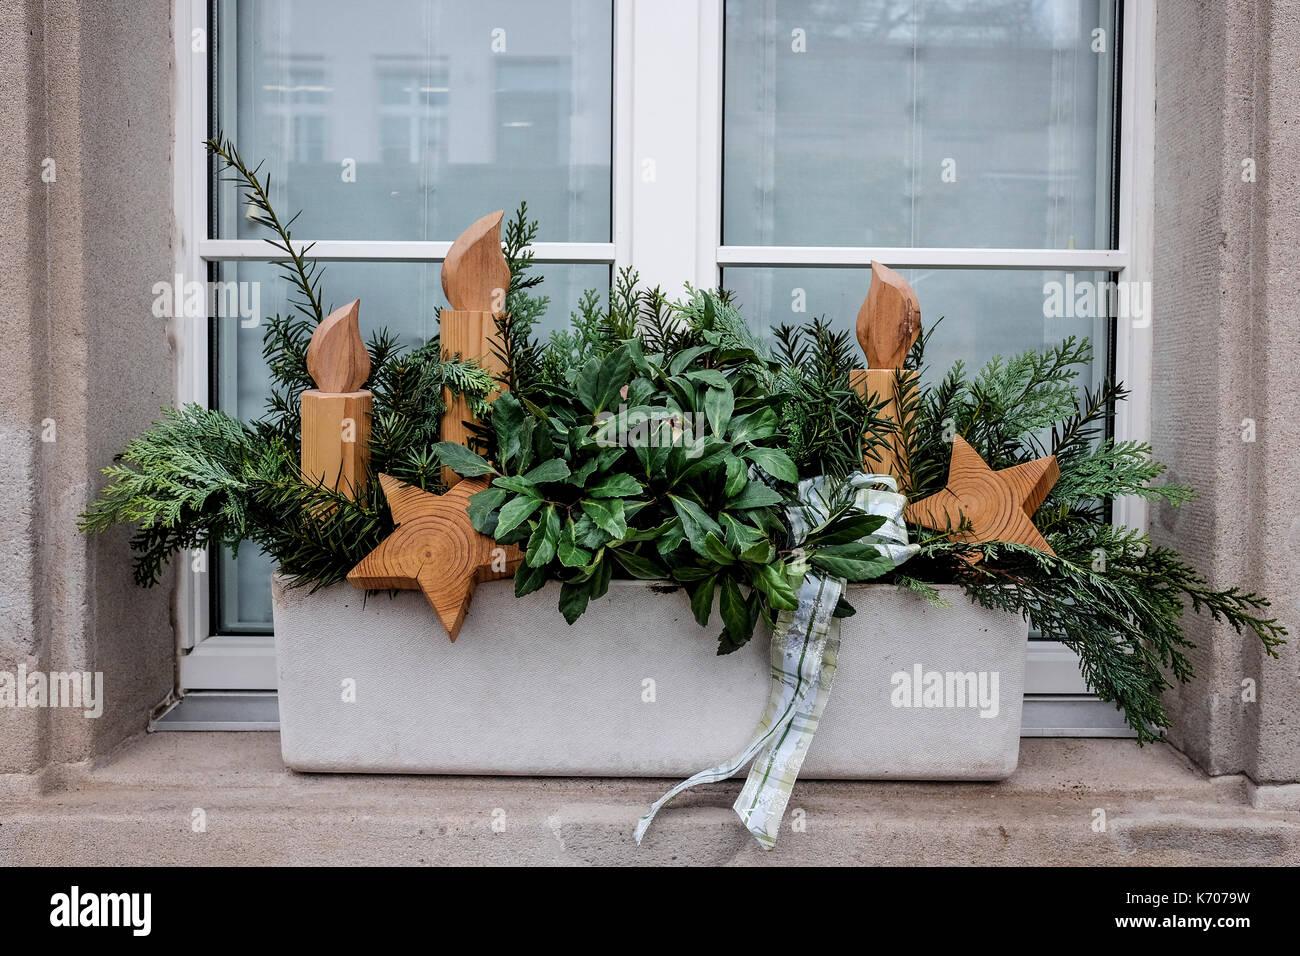 Weihnachten dekoration an der fensterbank der h user durch - Dekoration fensterbank ...